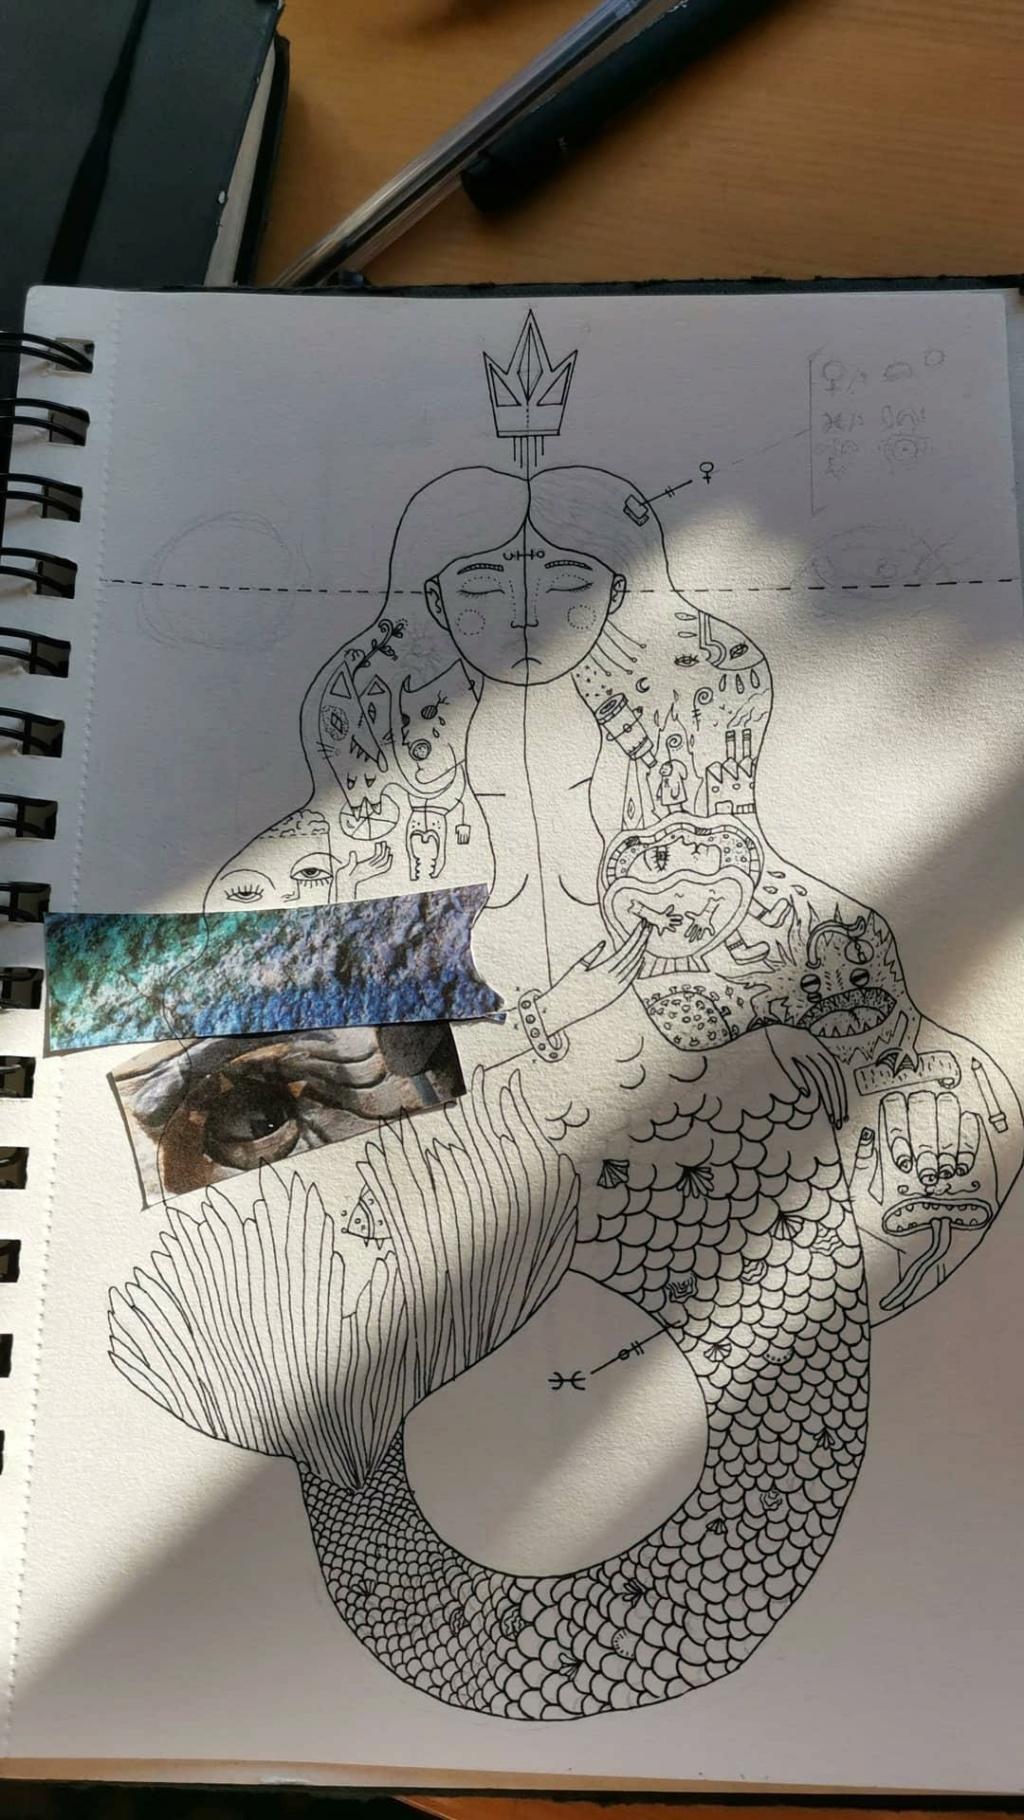 Un dessin par jour, qui veut jouer? - Page 19 Img_2048